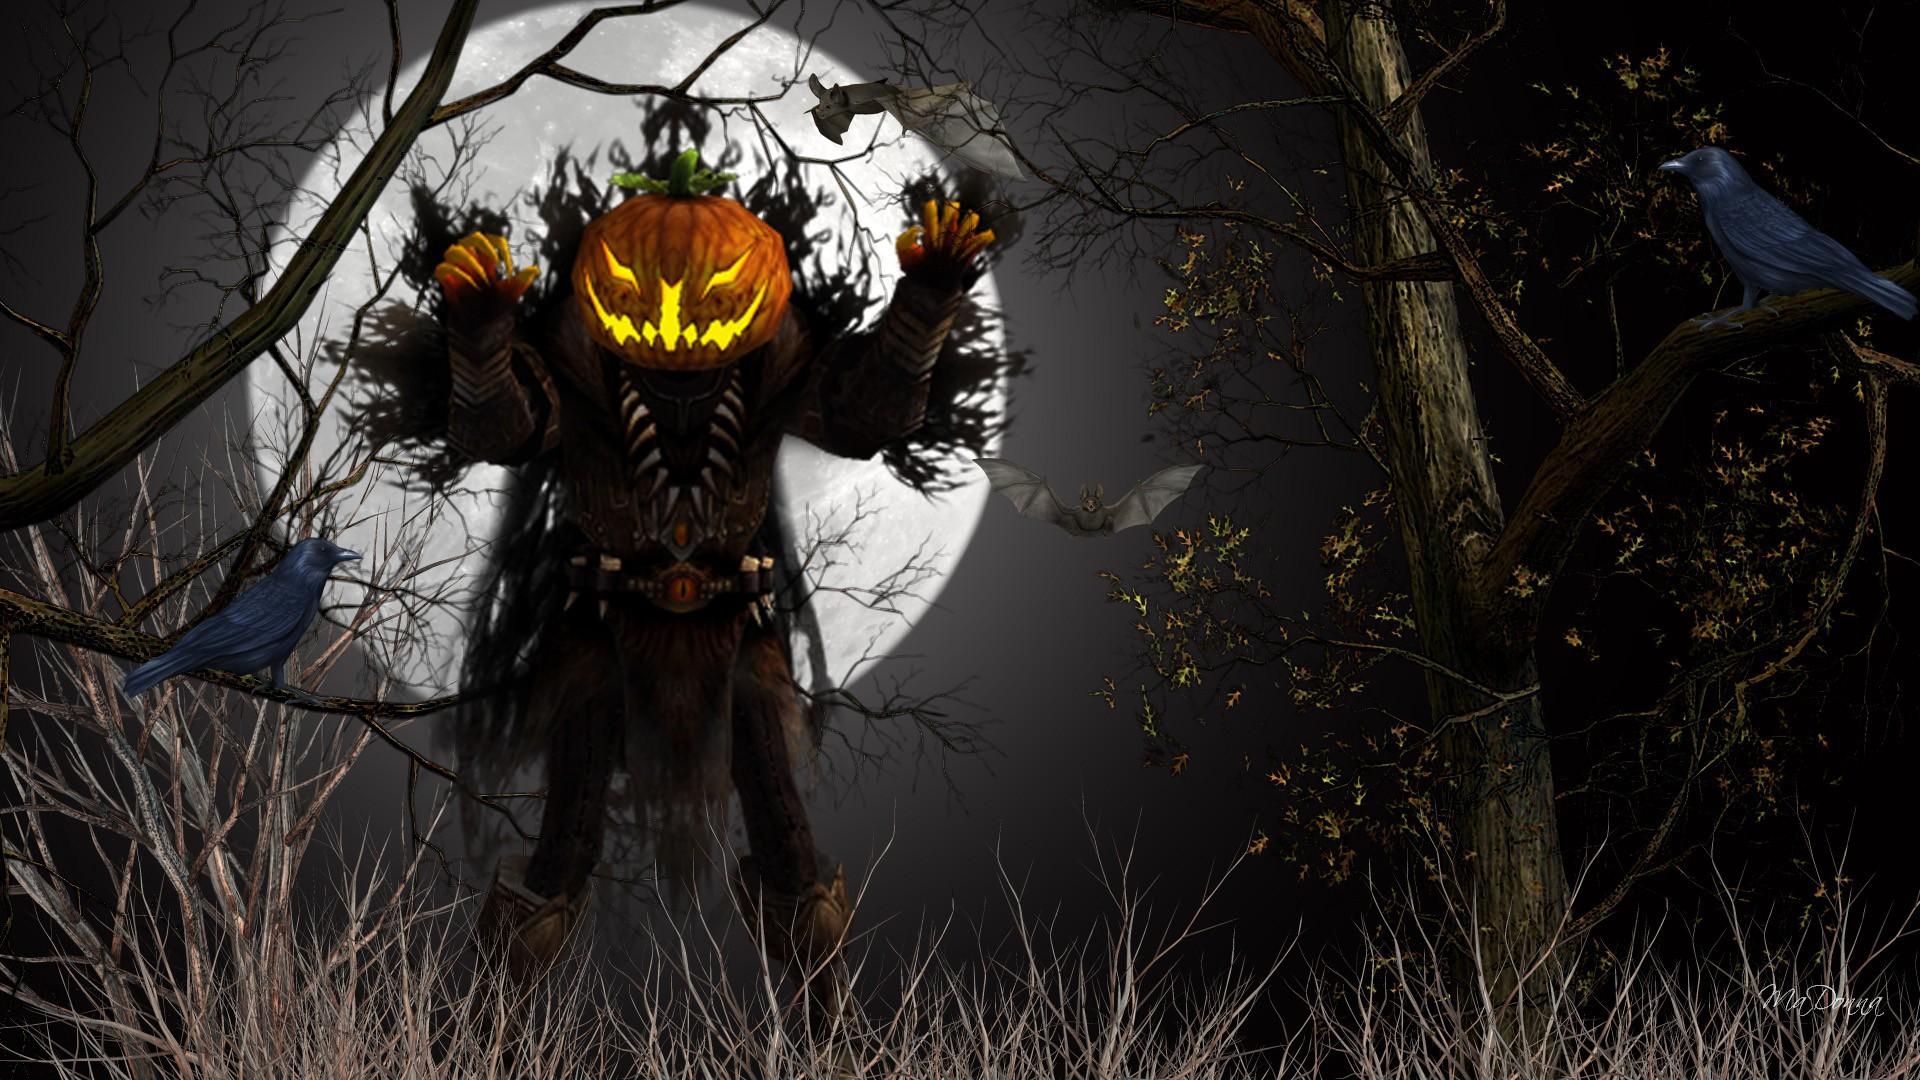 Popular Wallpaper Halloween Ghost - Holidays___Halloween_halloween_the_ghost_of_the_pumpkin_046115_  Graphic_68148.jpg